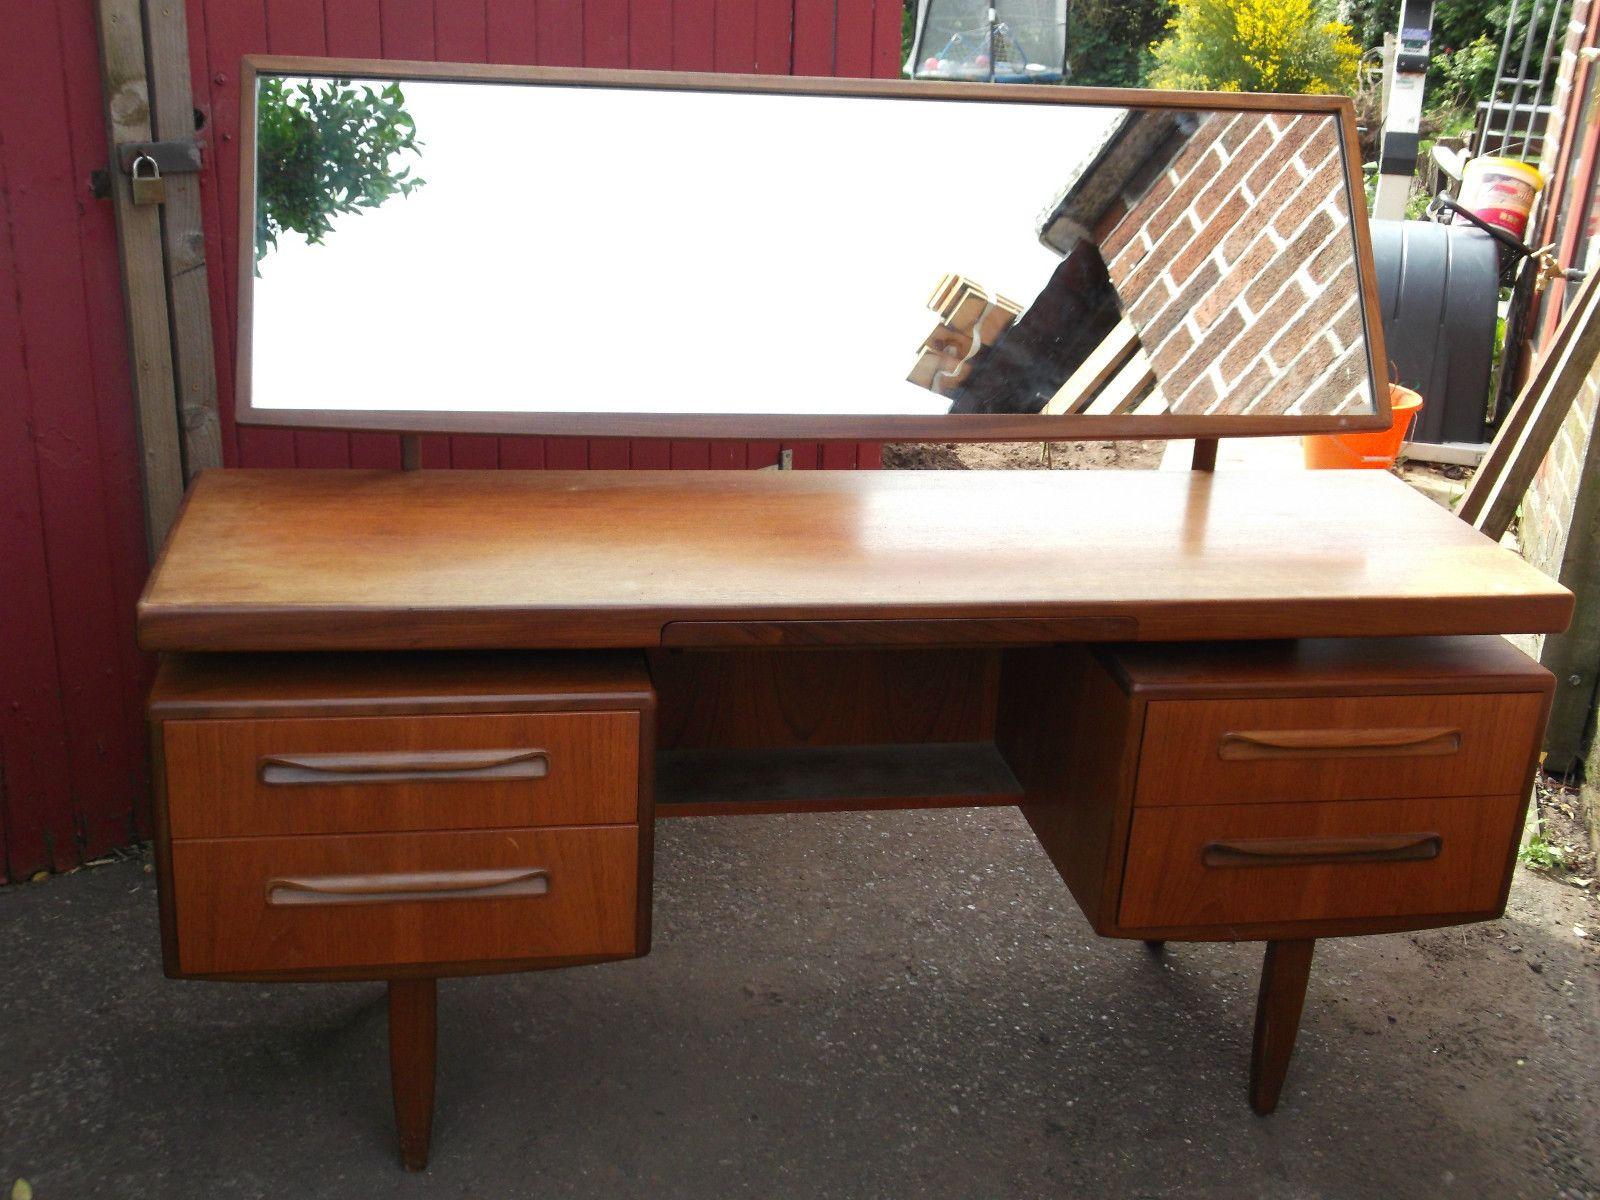 G plan teak vintage retro dressing table desk sideboard for G plan bedroom furniture dressing tables